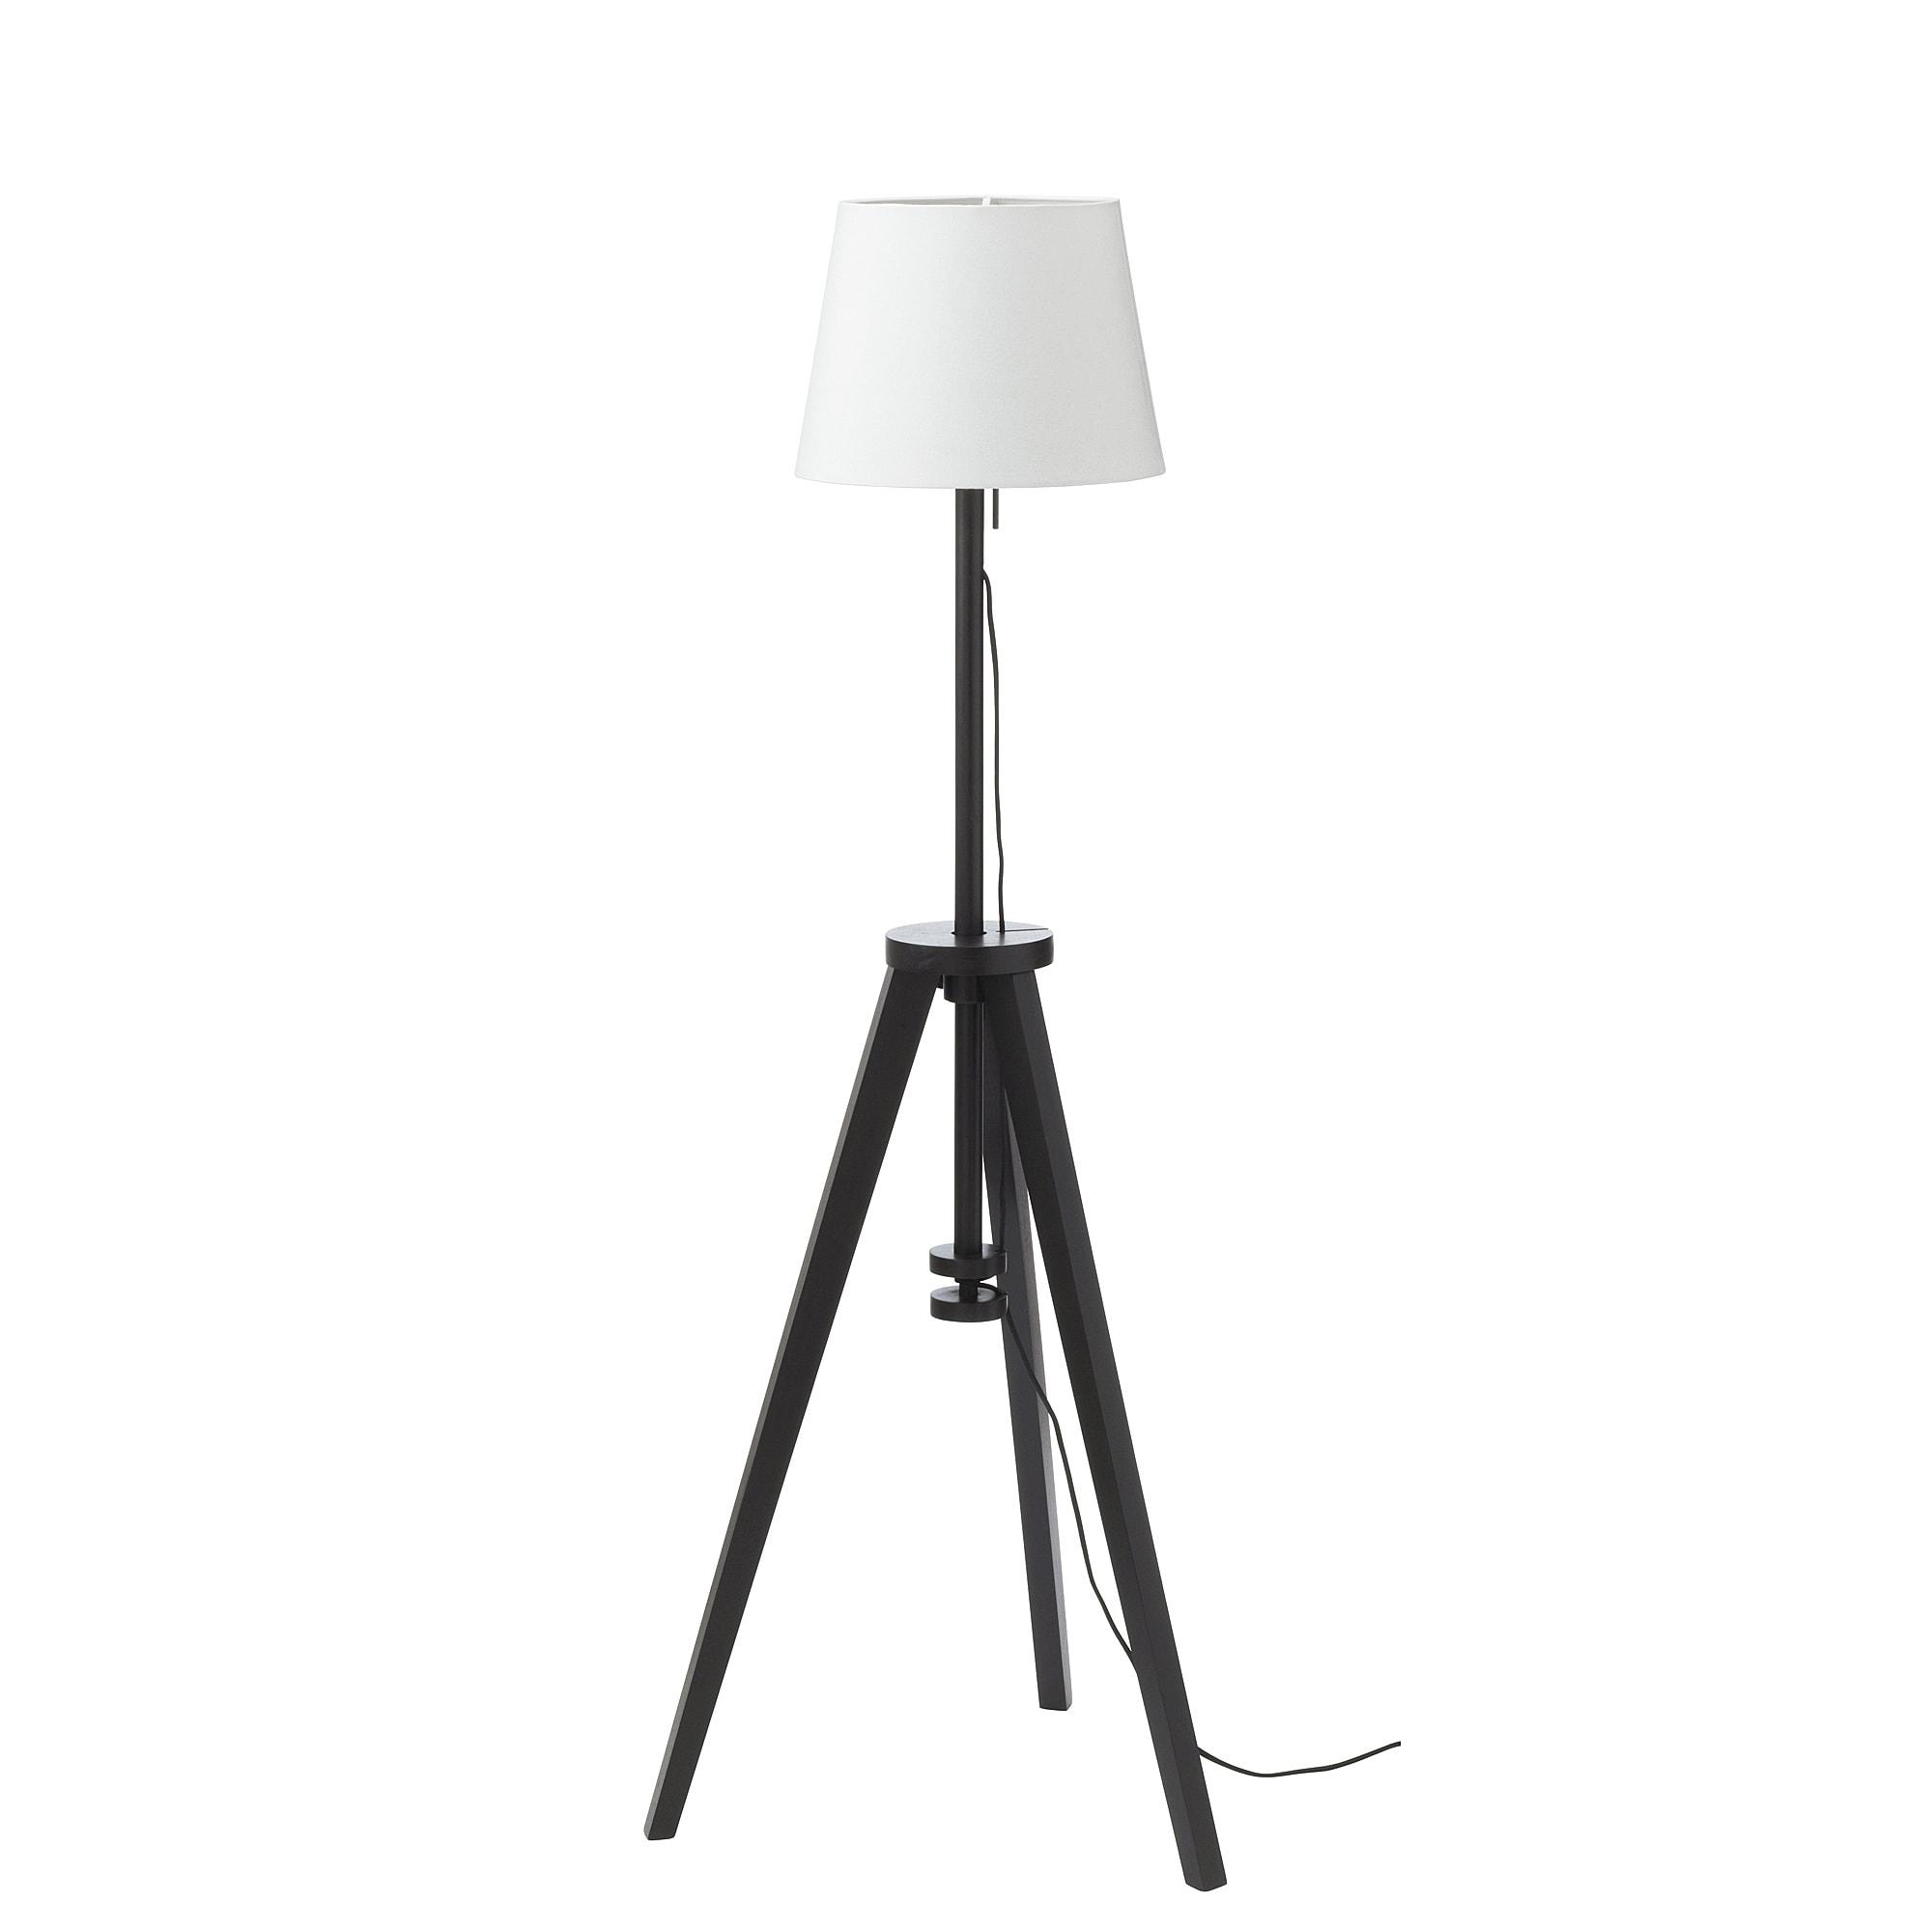 Светильник напольный ЭРА / ЛАУТЕРС, белый, коричневый (33 см)